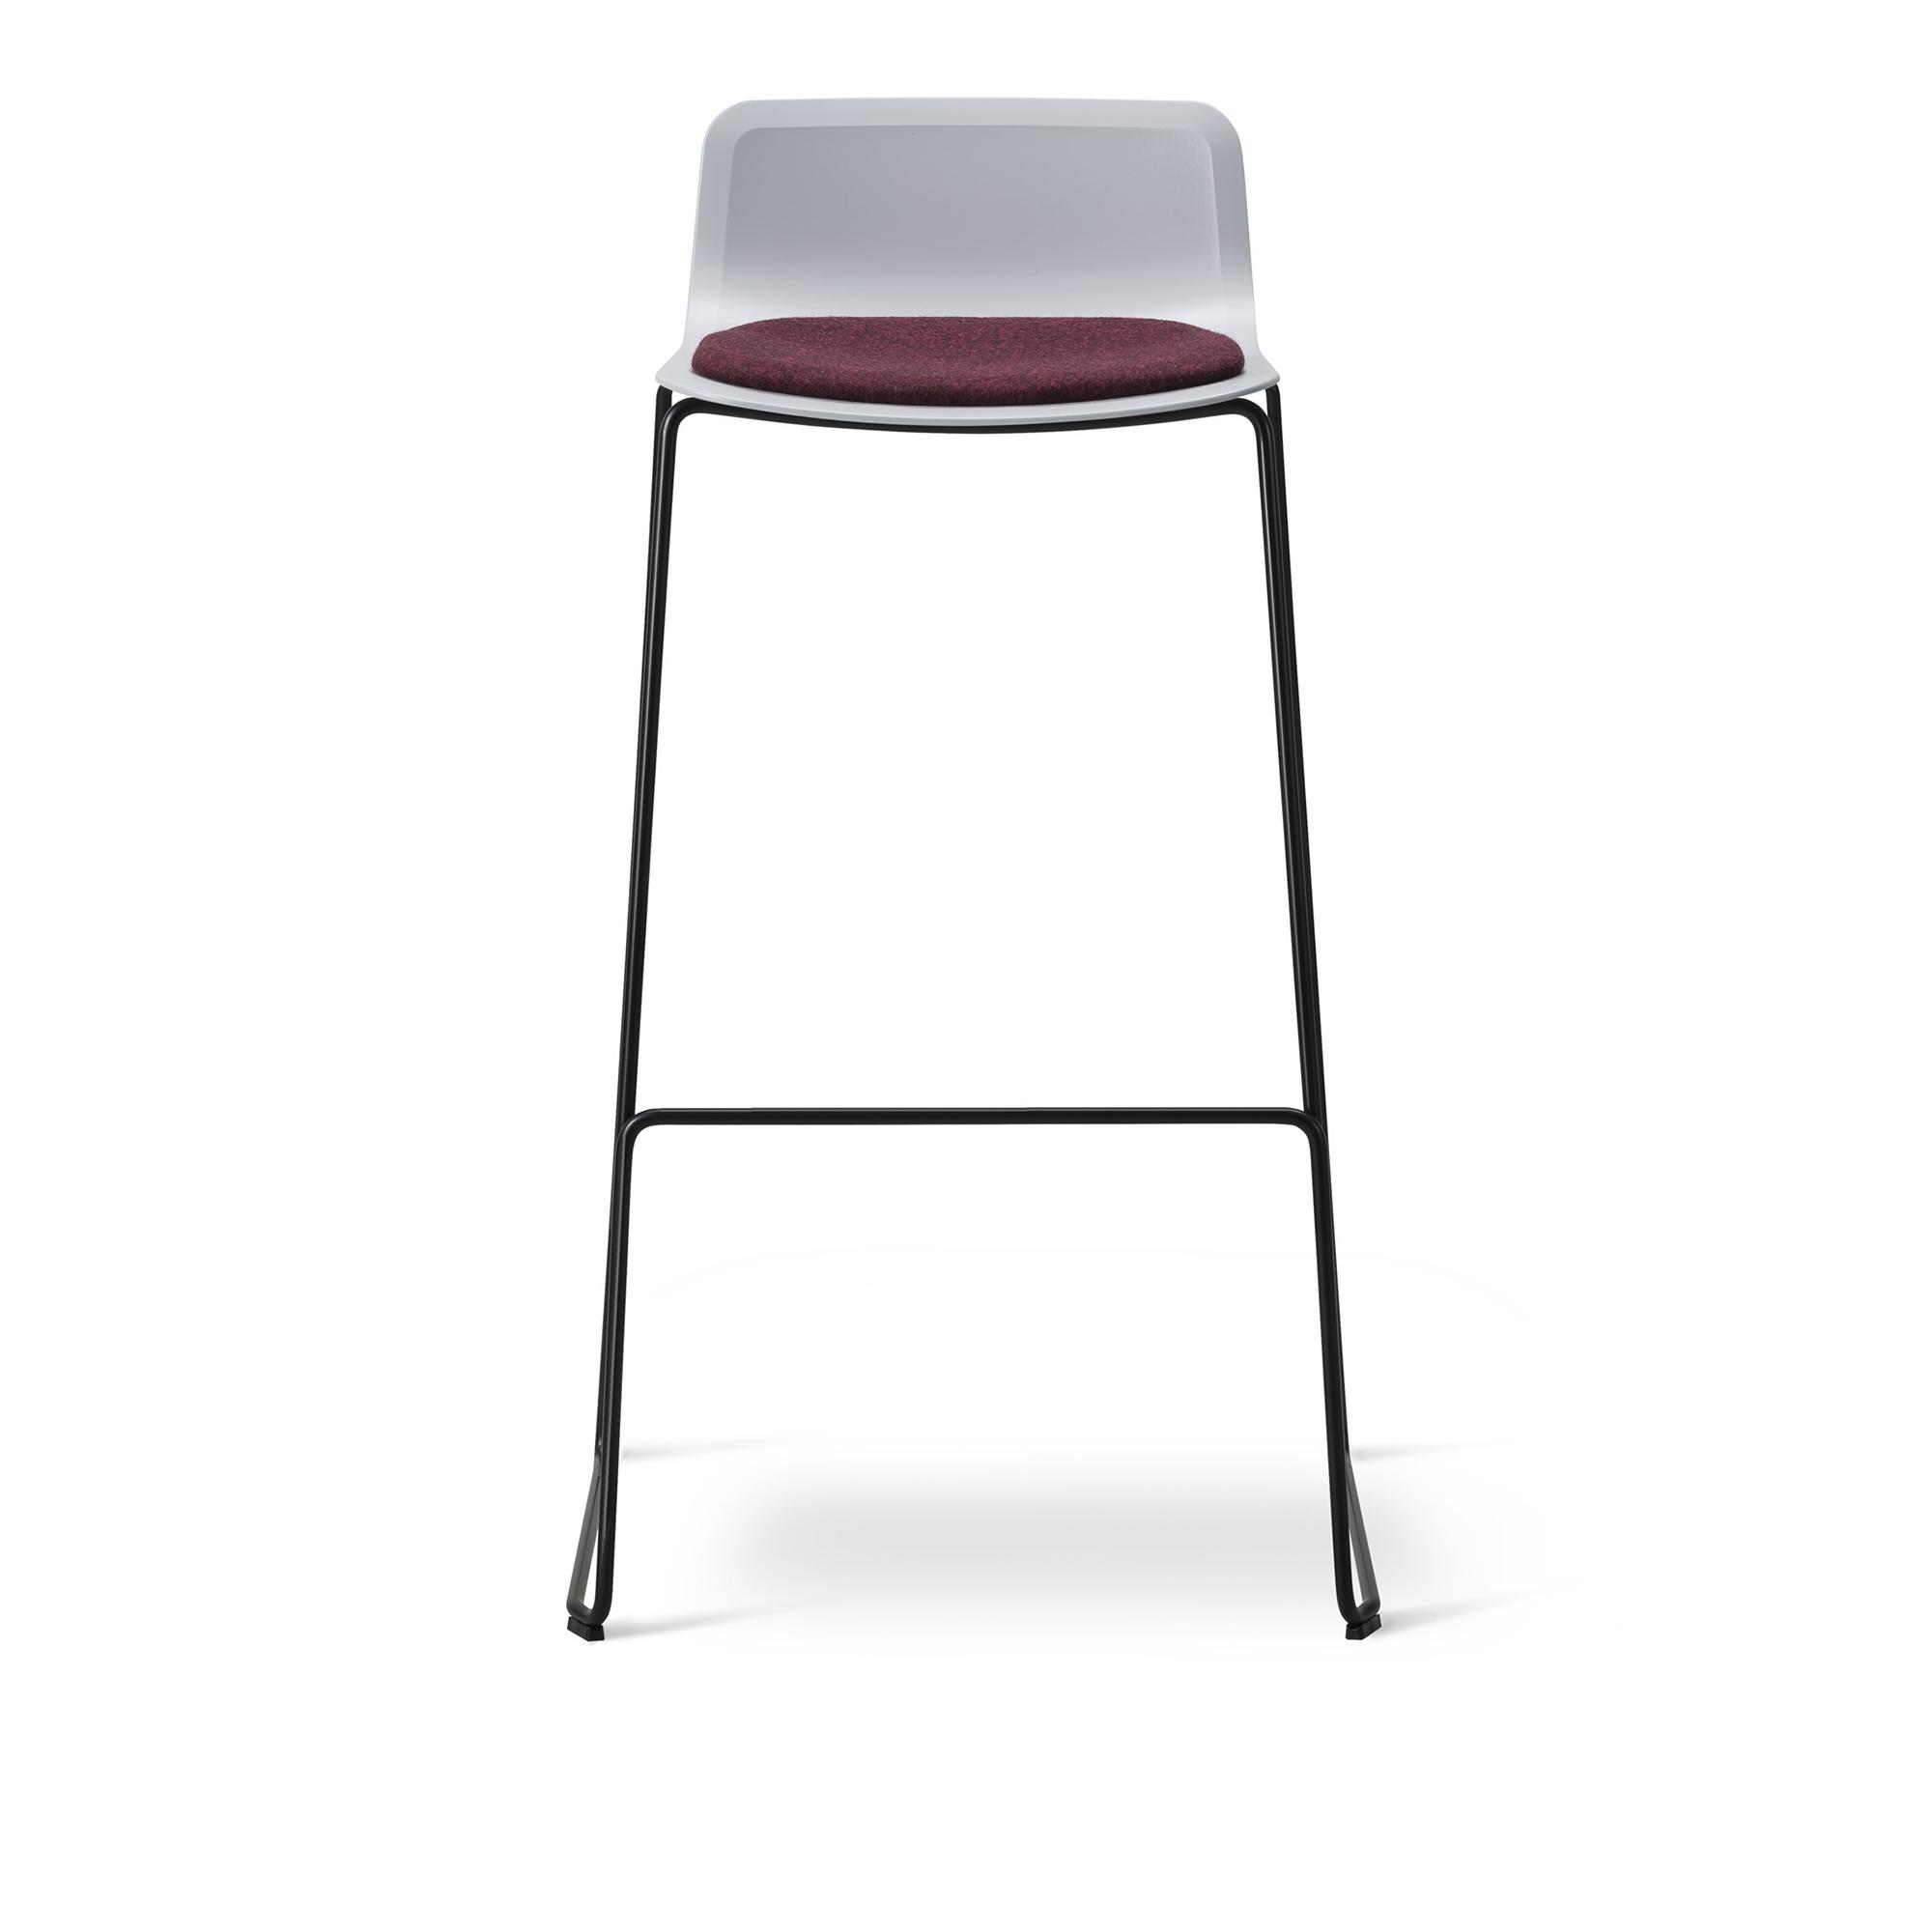 Köp Pato Stool Klädd sits från Fredericia Furniture